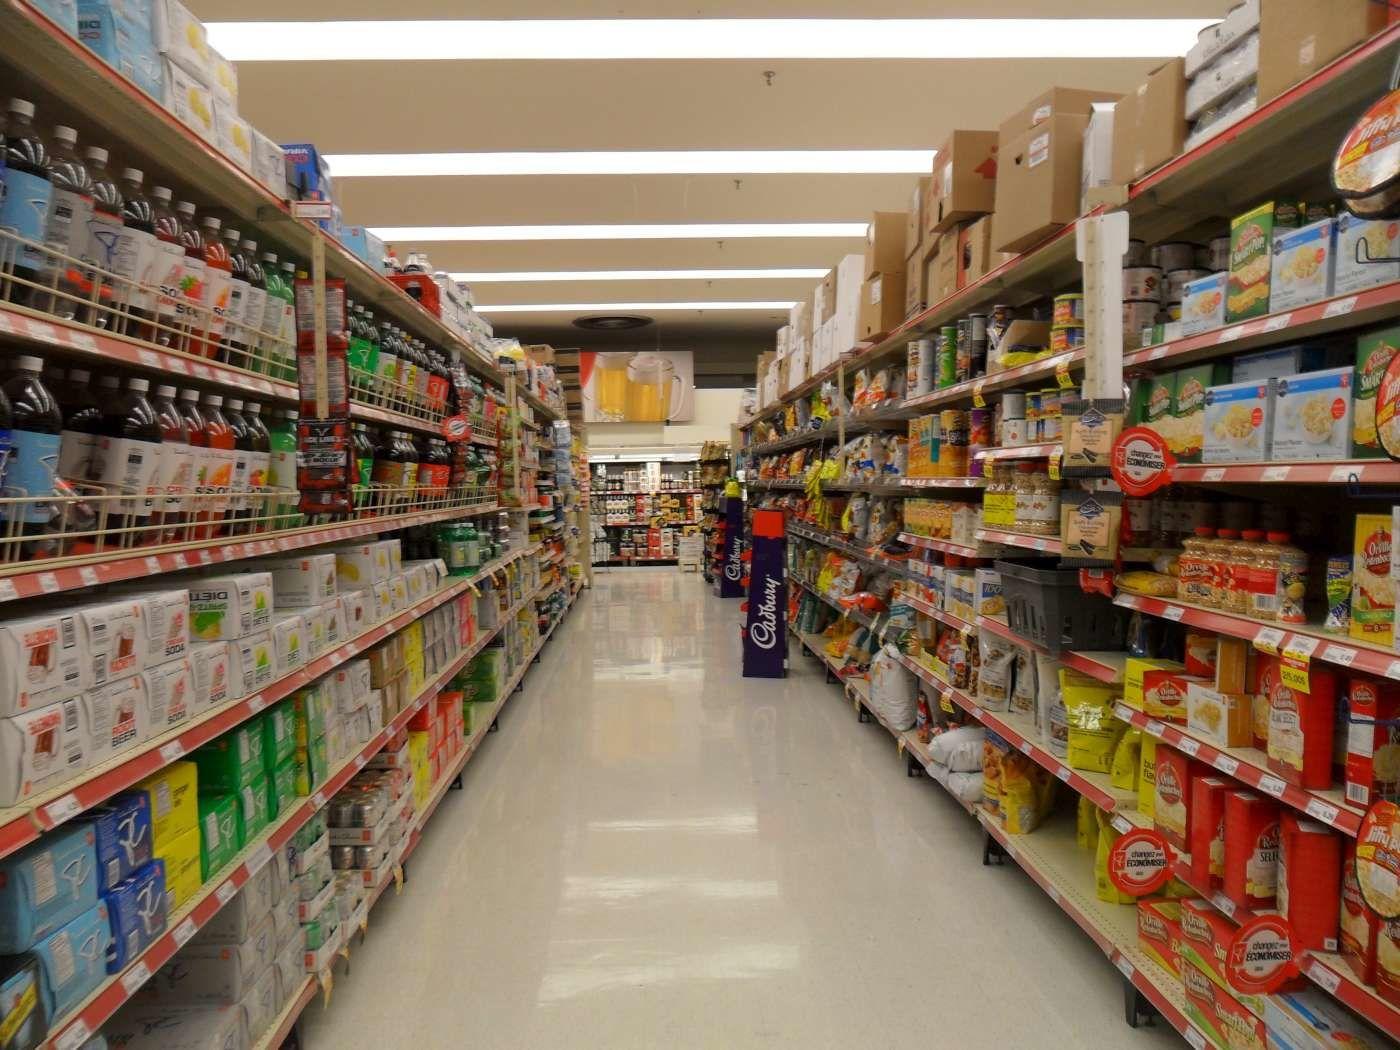 un supermarché russe... les produits sont là. mais les prix augmentent. Des spéculateurs à la manoeuvre.